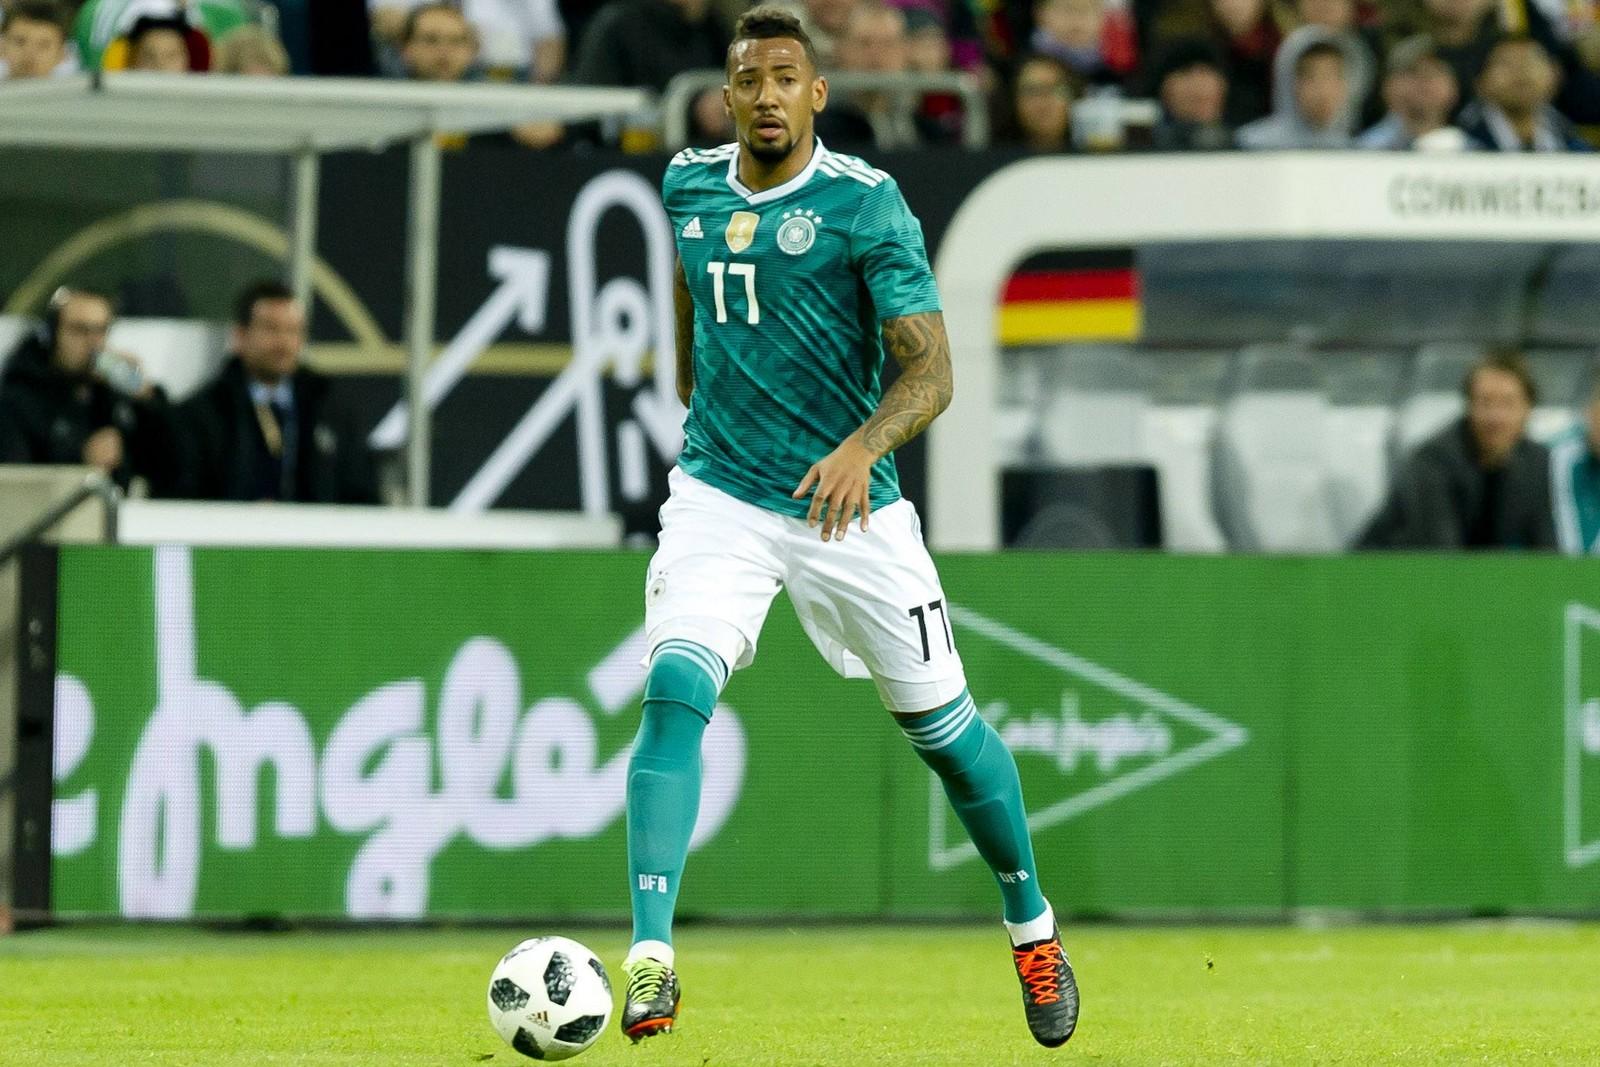 Jerome Boateng am Ball für Deutschland. Holt er wieder den Titel? Jetzt wetten!